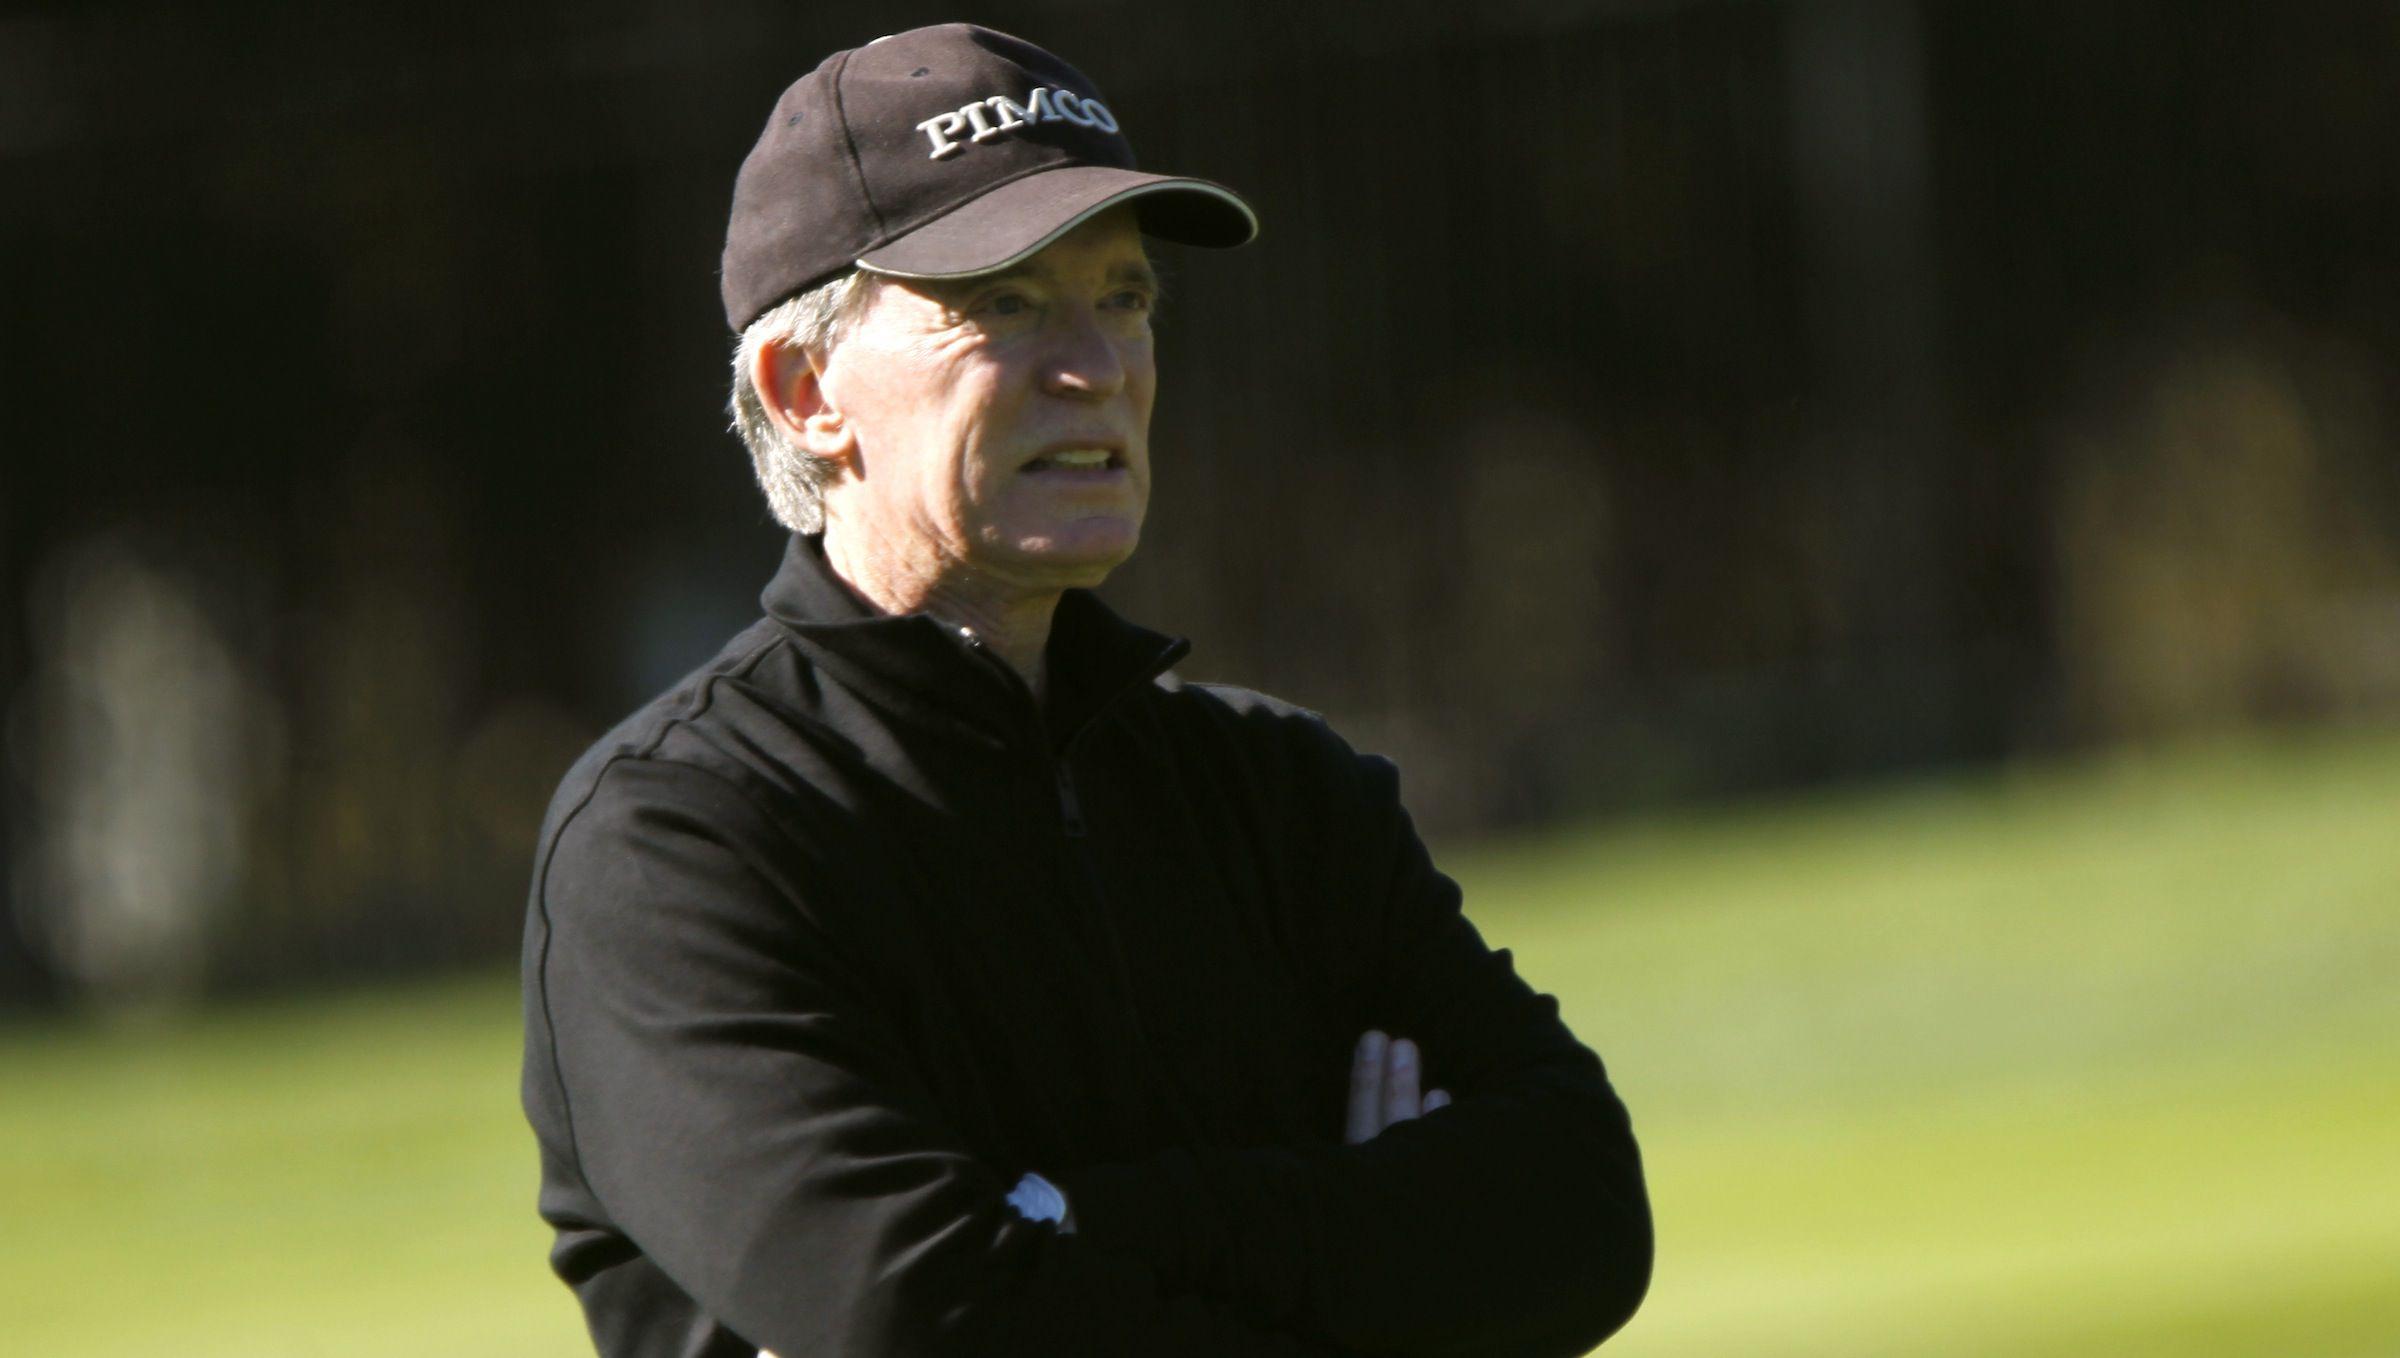 Bill Gross playing golf